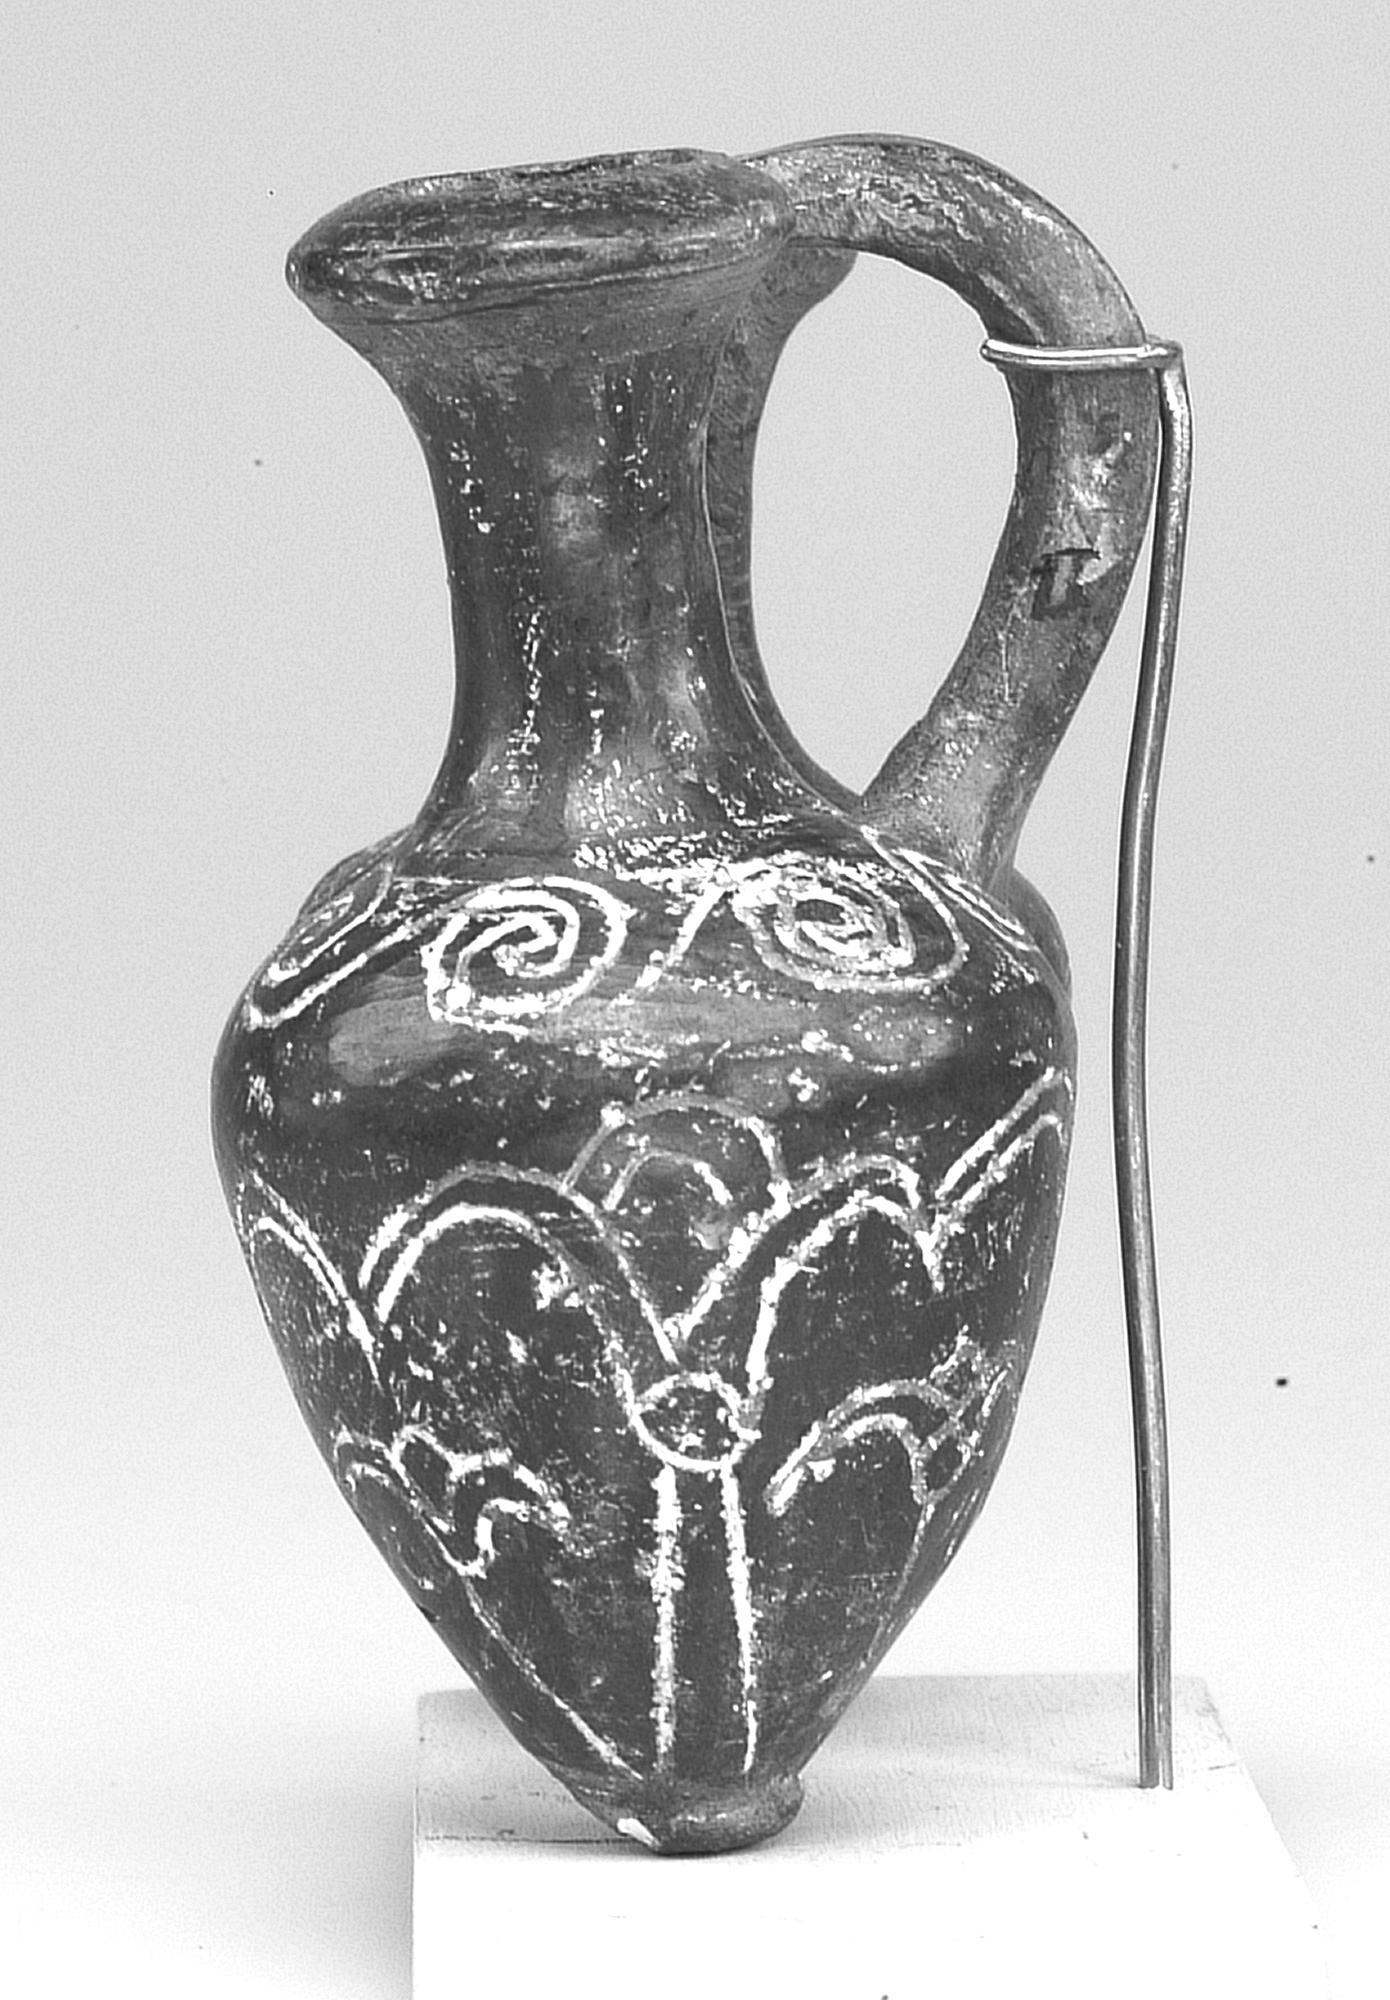 Filedouble Tell El Yahudiya Vase With Incised Lotus Flowers